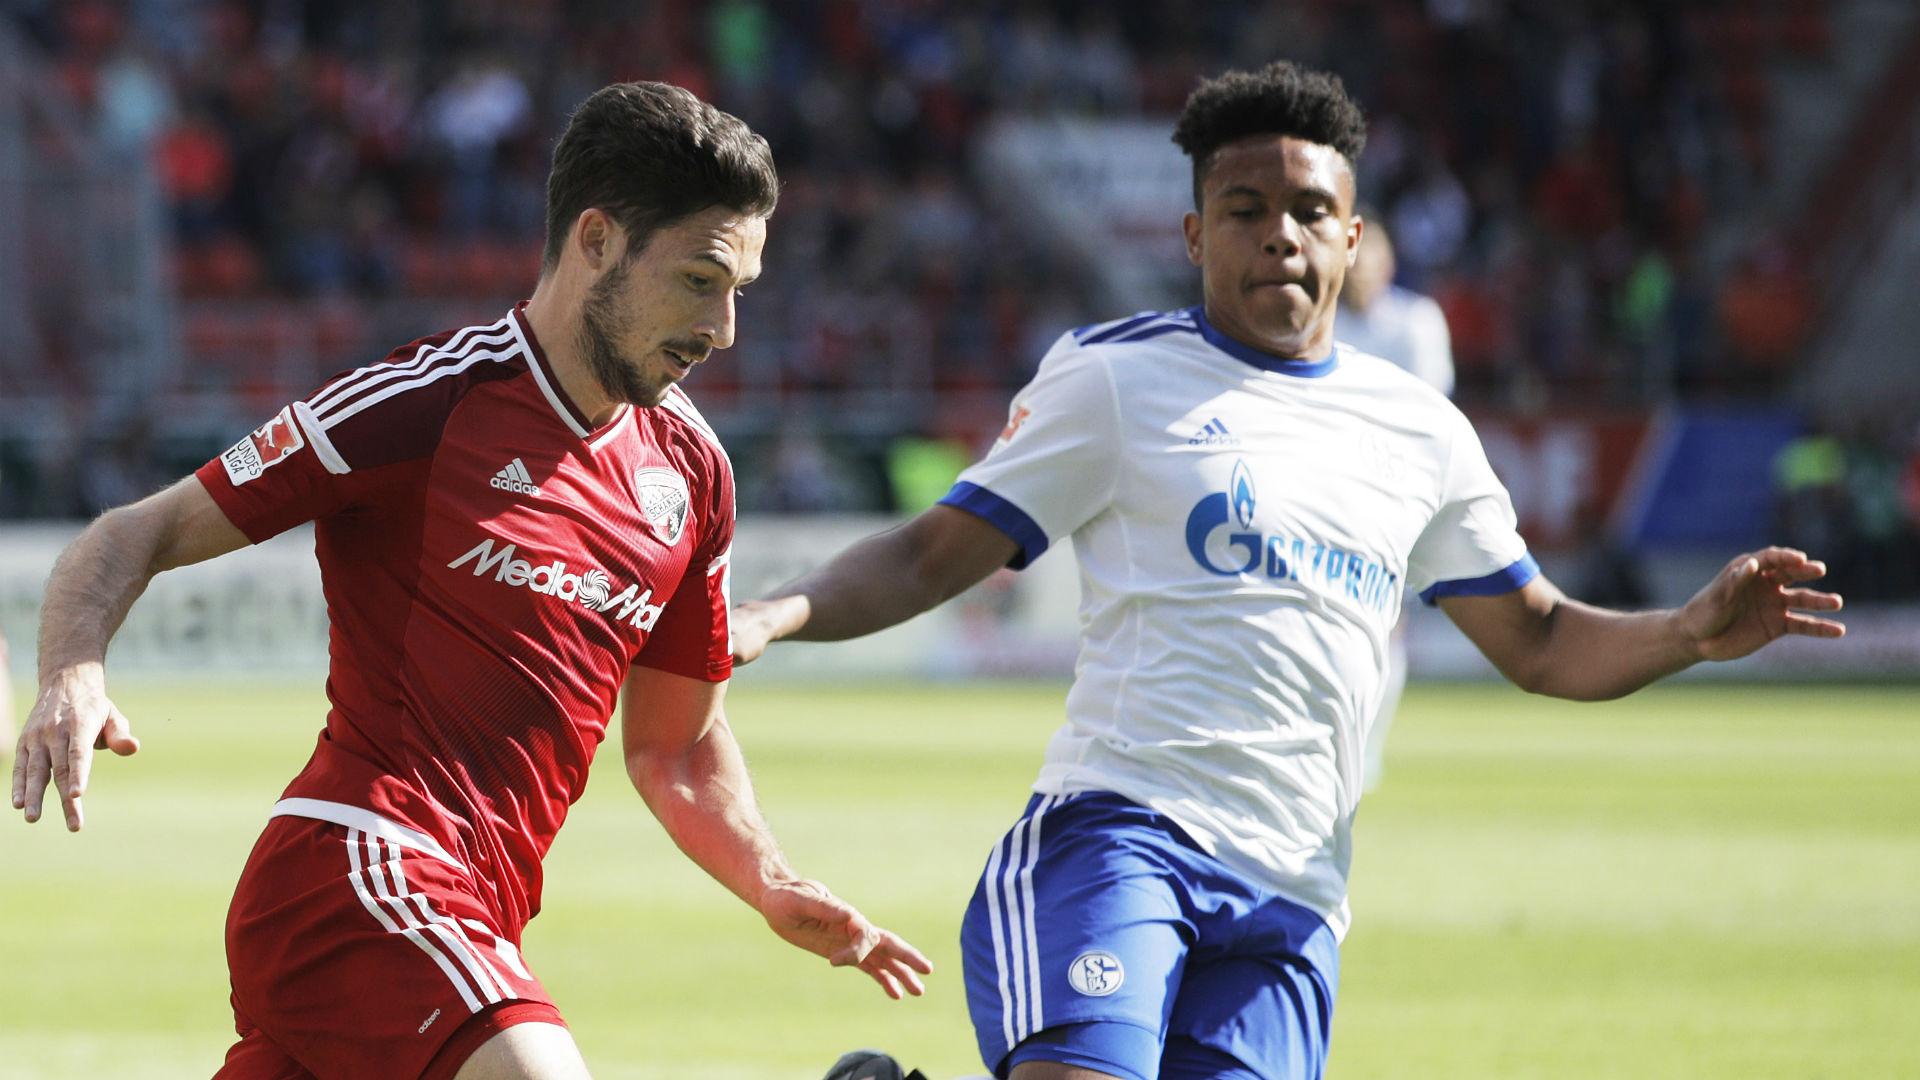 Matthew Leckie Weston McKennie Ingolstadt Schalke Bundesliga 052017